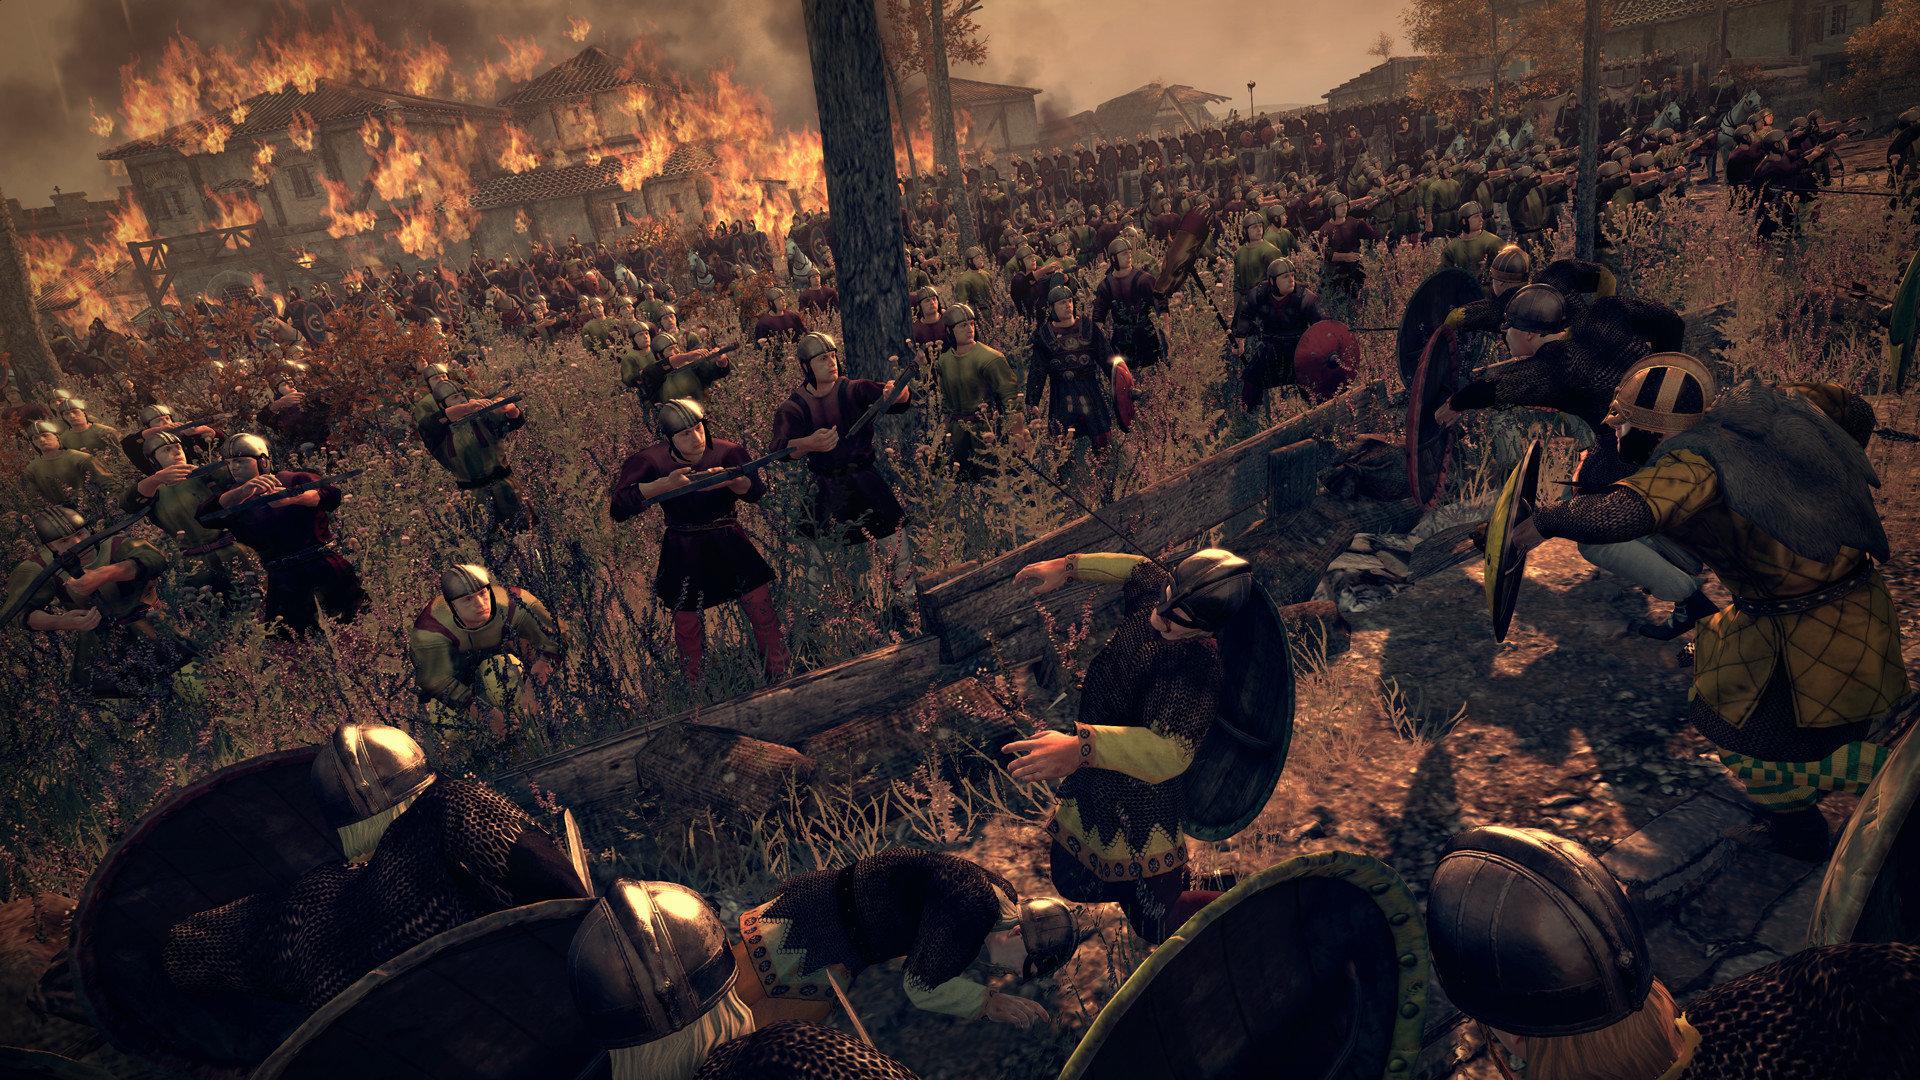 Attila Total War Wallpaper: Total War: Attila Wallpapers 1920x1080 Full HD (1080p